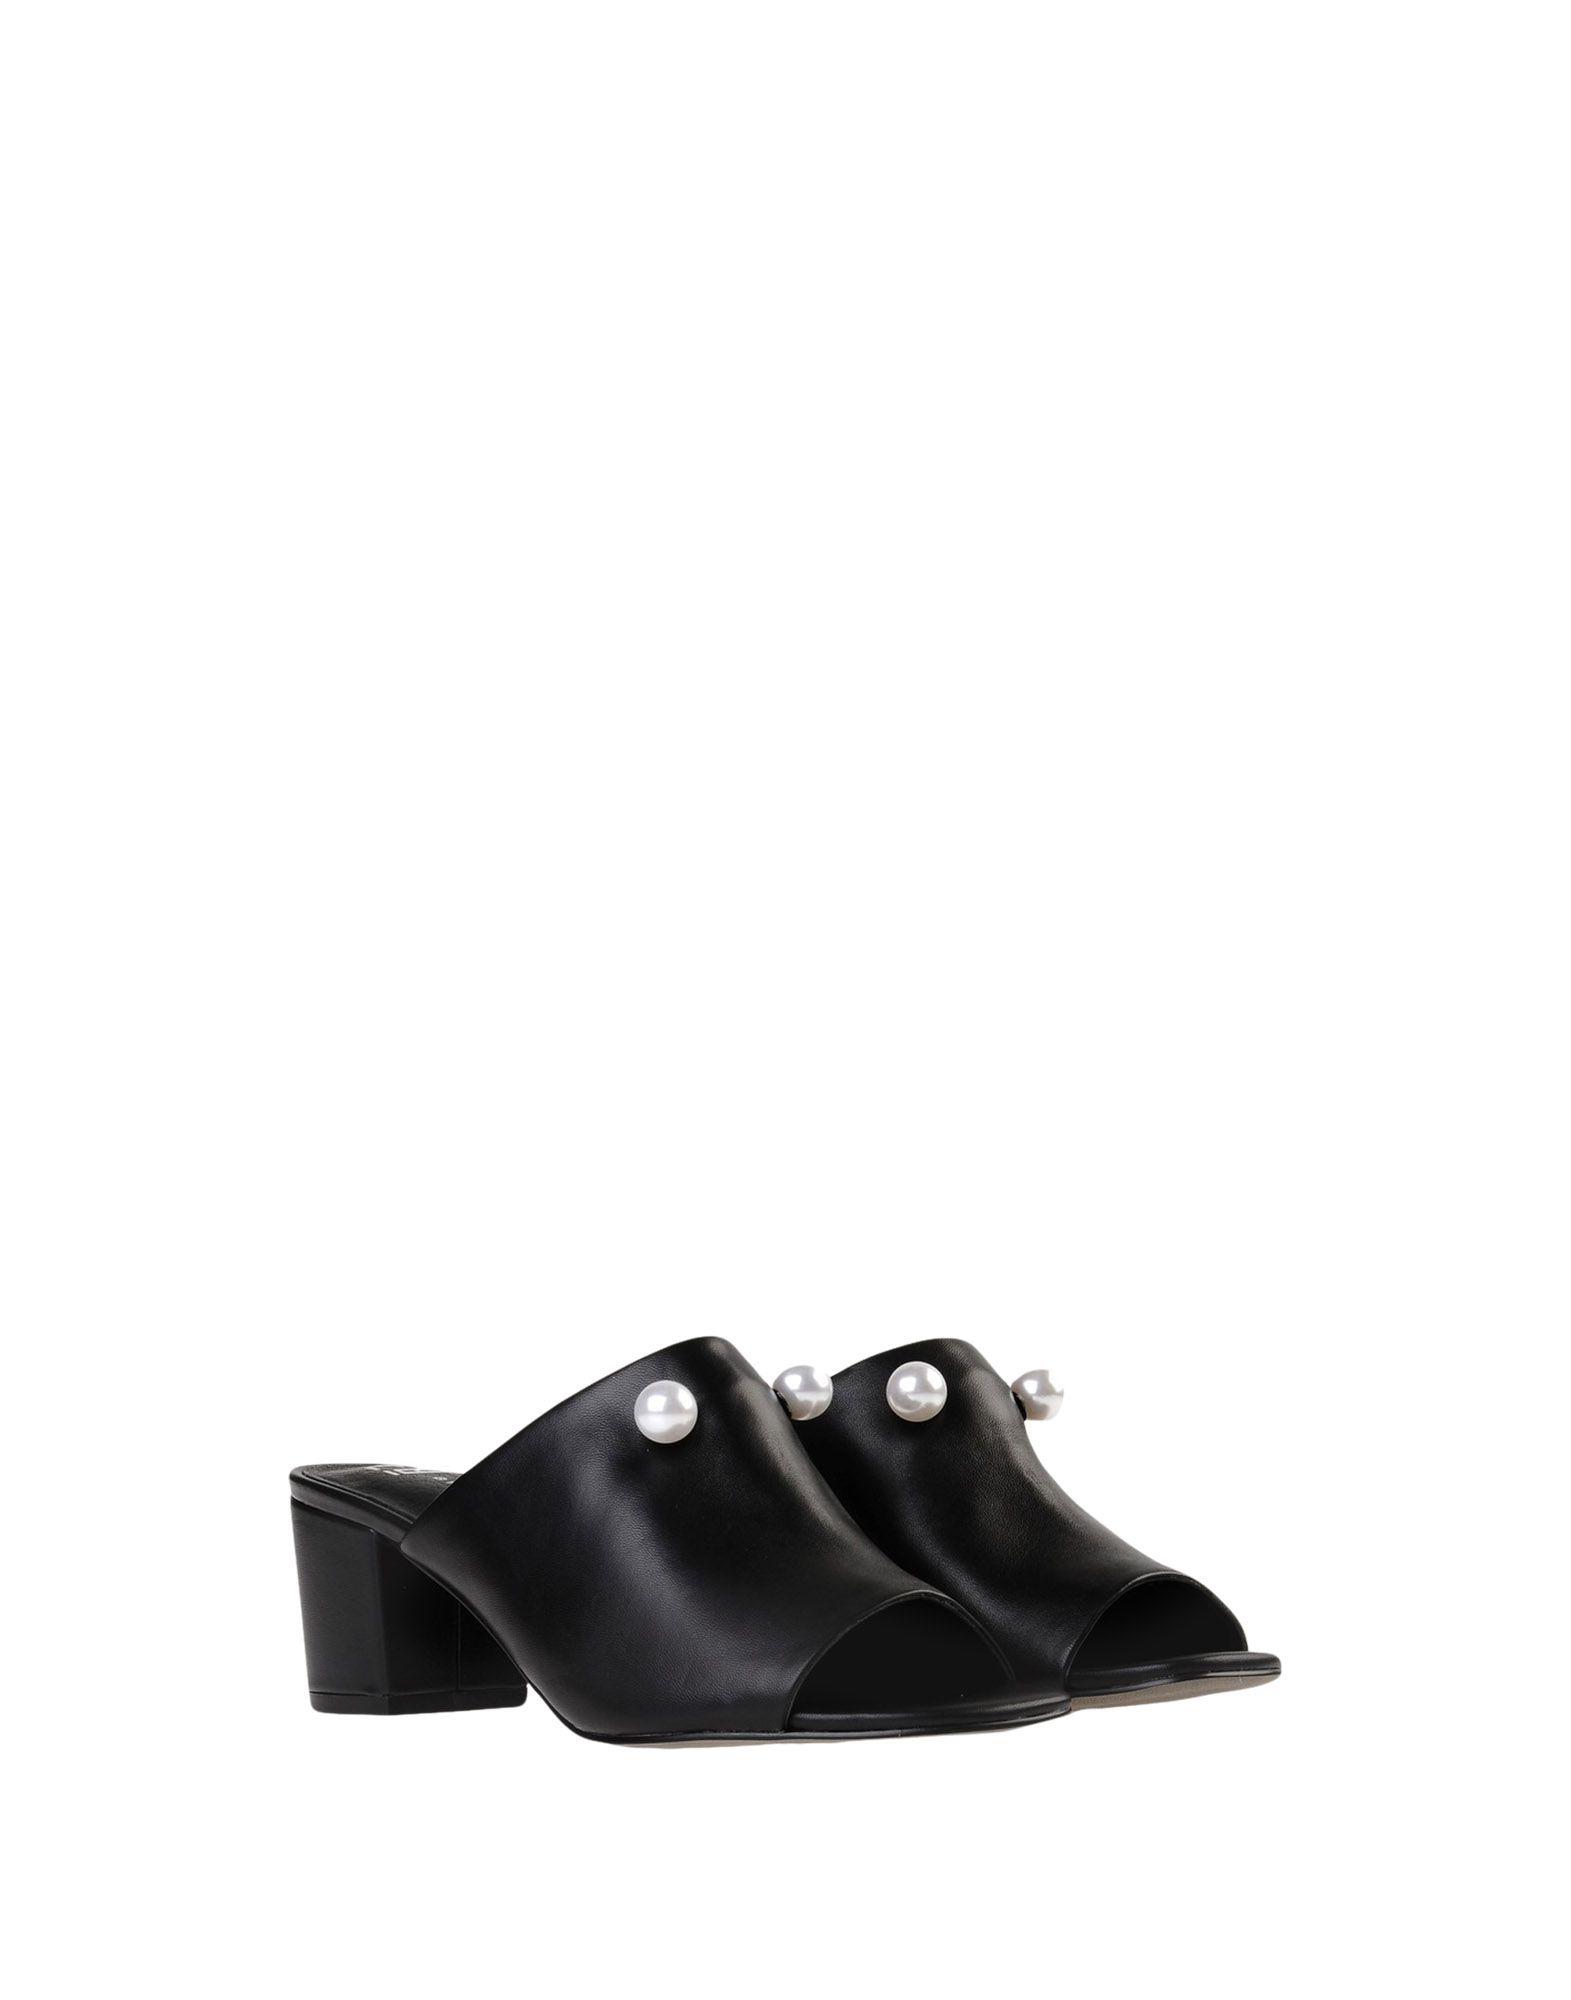 E8 by MIISTA Sandales femme. Chaussures Veja blanches Casual femme Chaussures à lacets Dr. Martens 1461 W pour Femme Bottines et boots Georgia Rose Noutrefa pour Femme sniMM